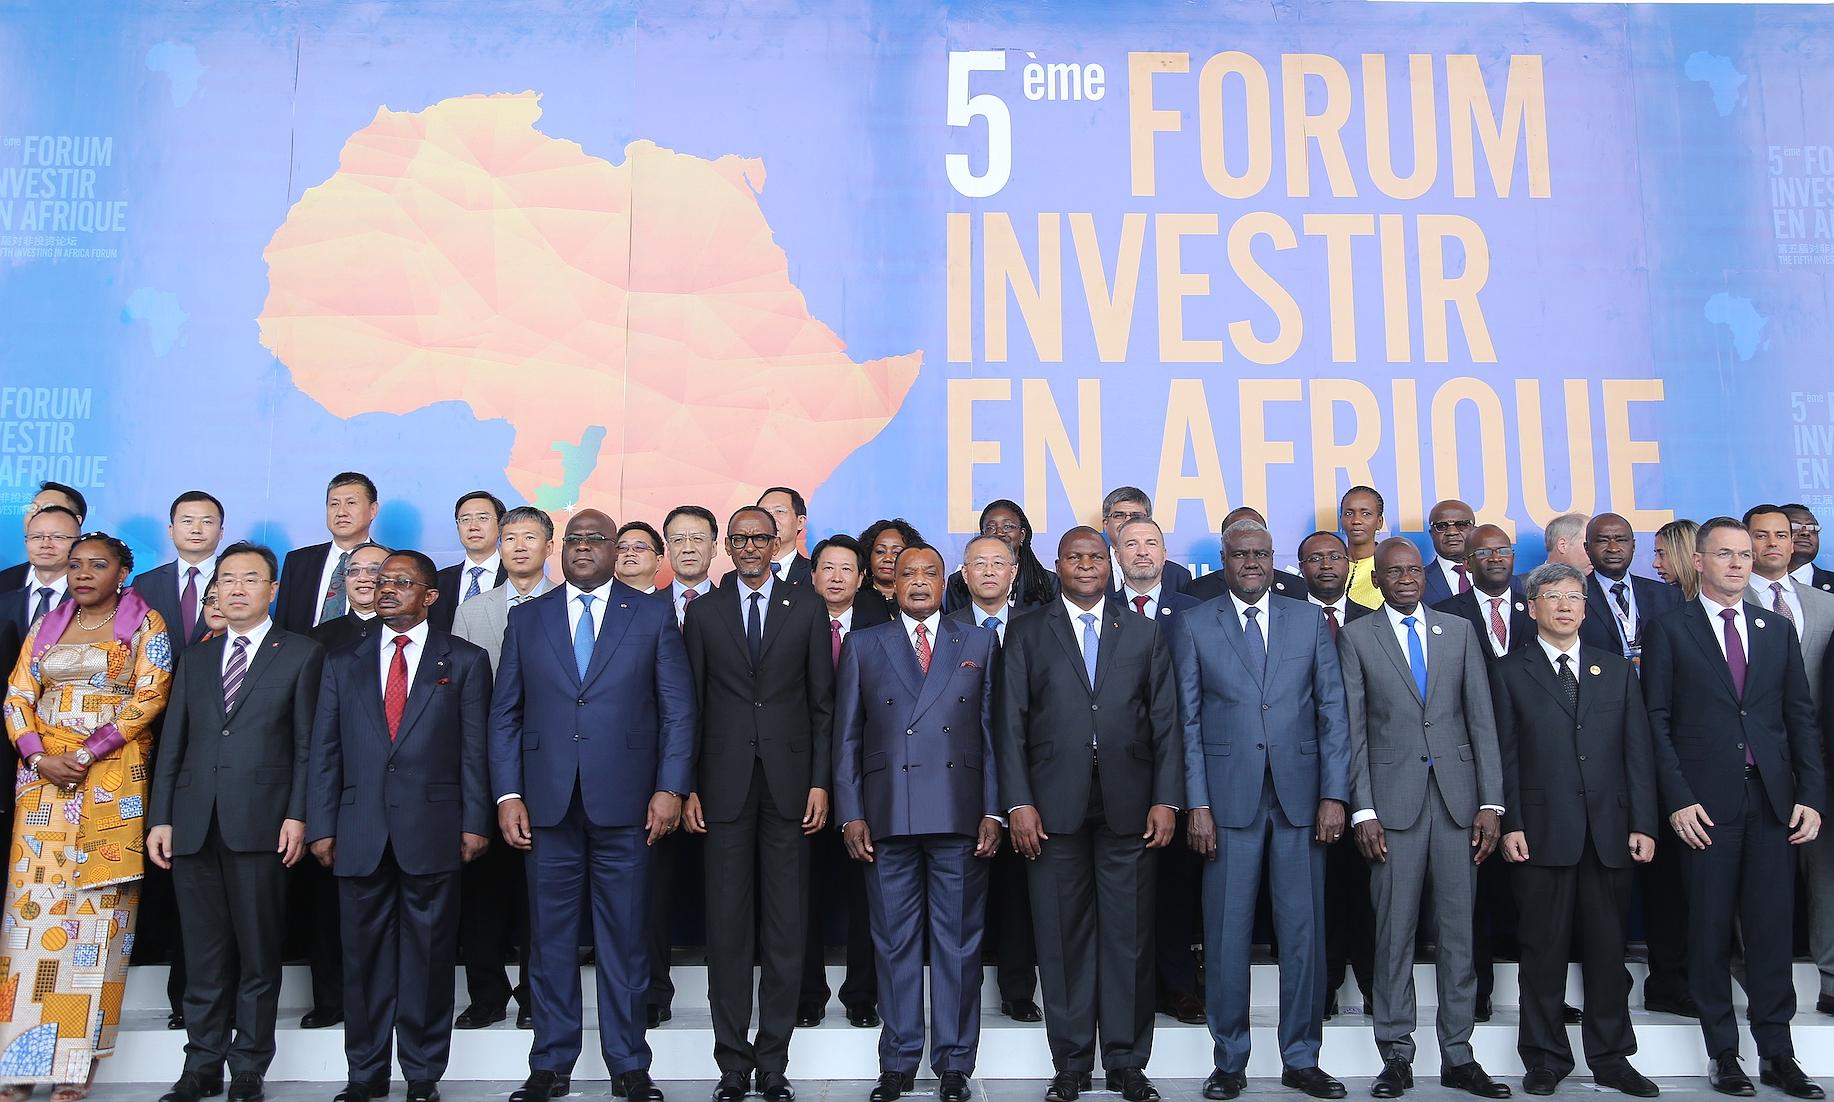 第五届对非投资论坛聚焦青年就业和经济多元化